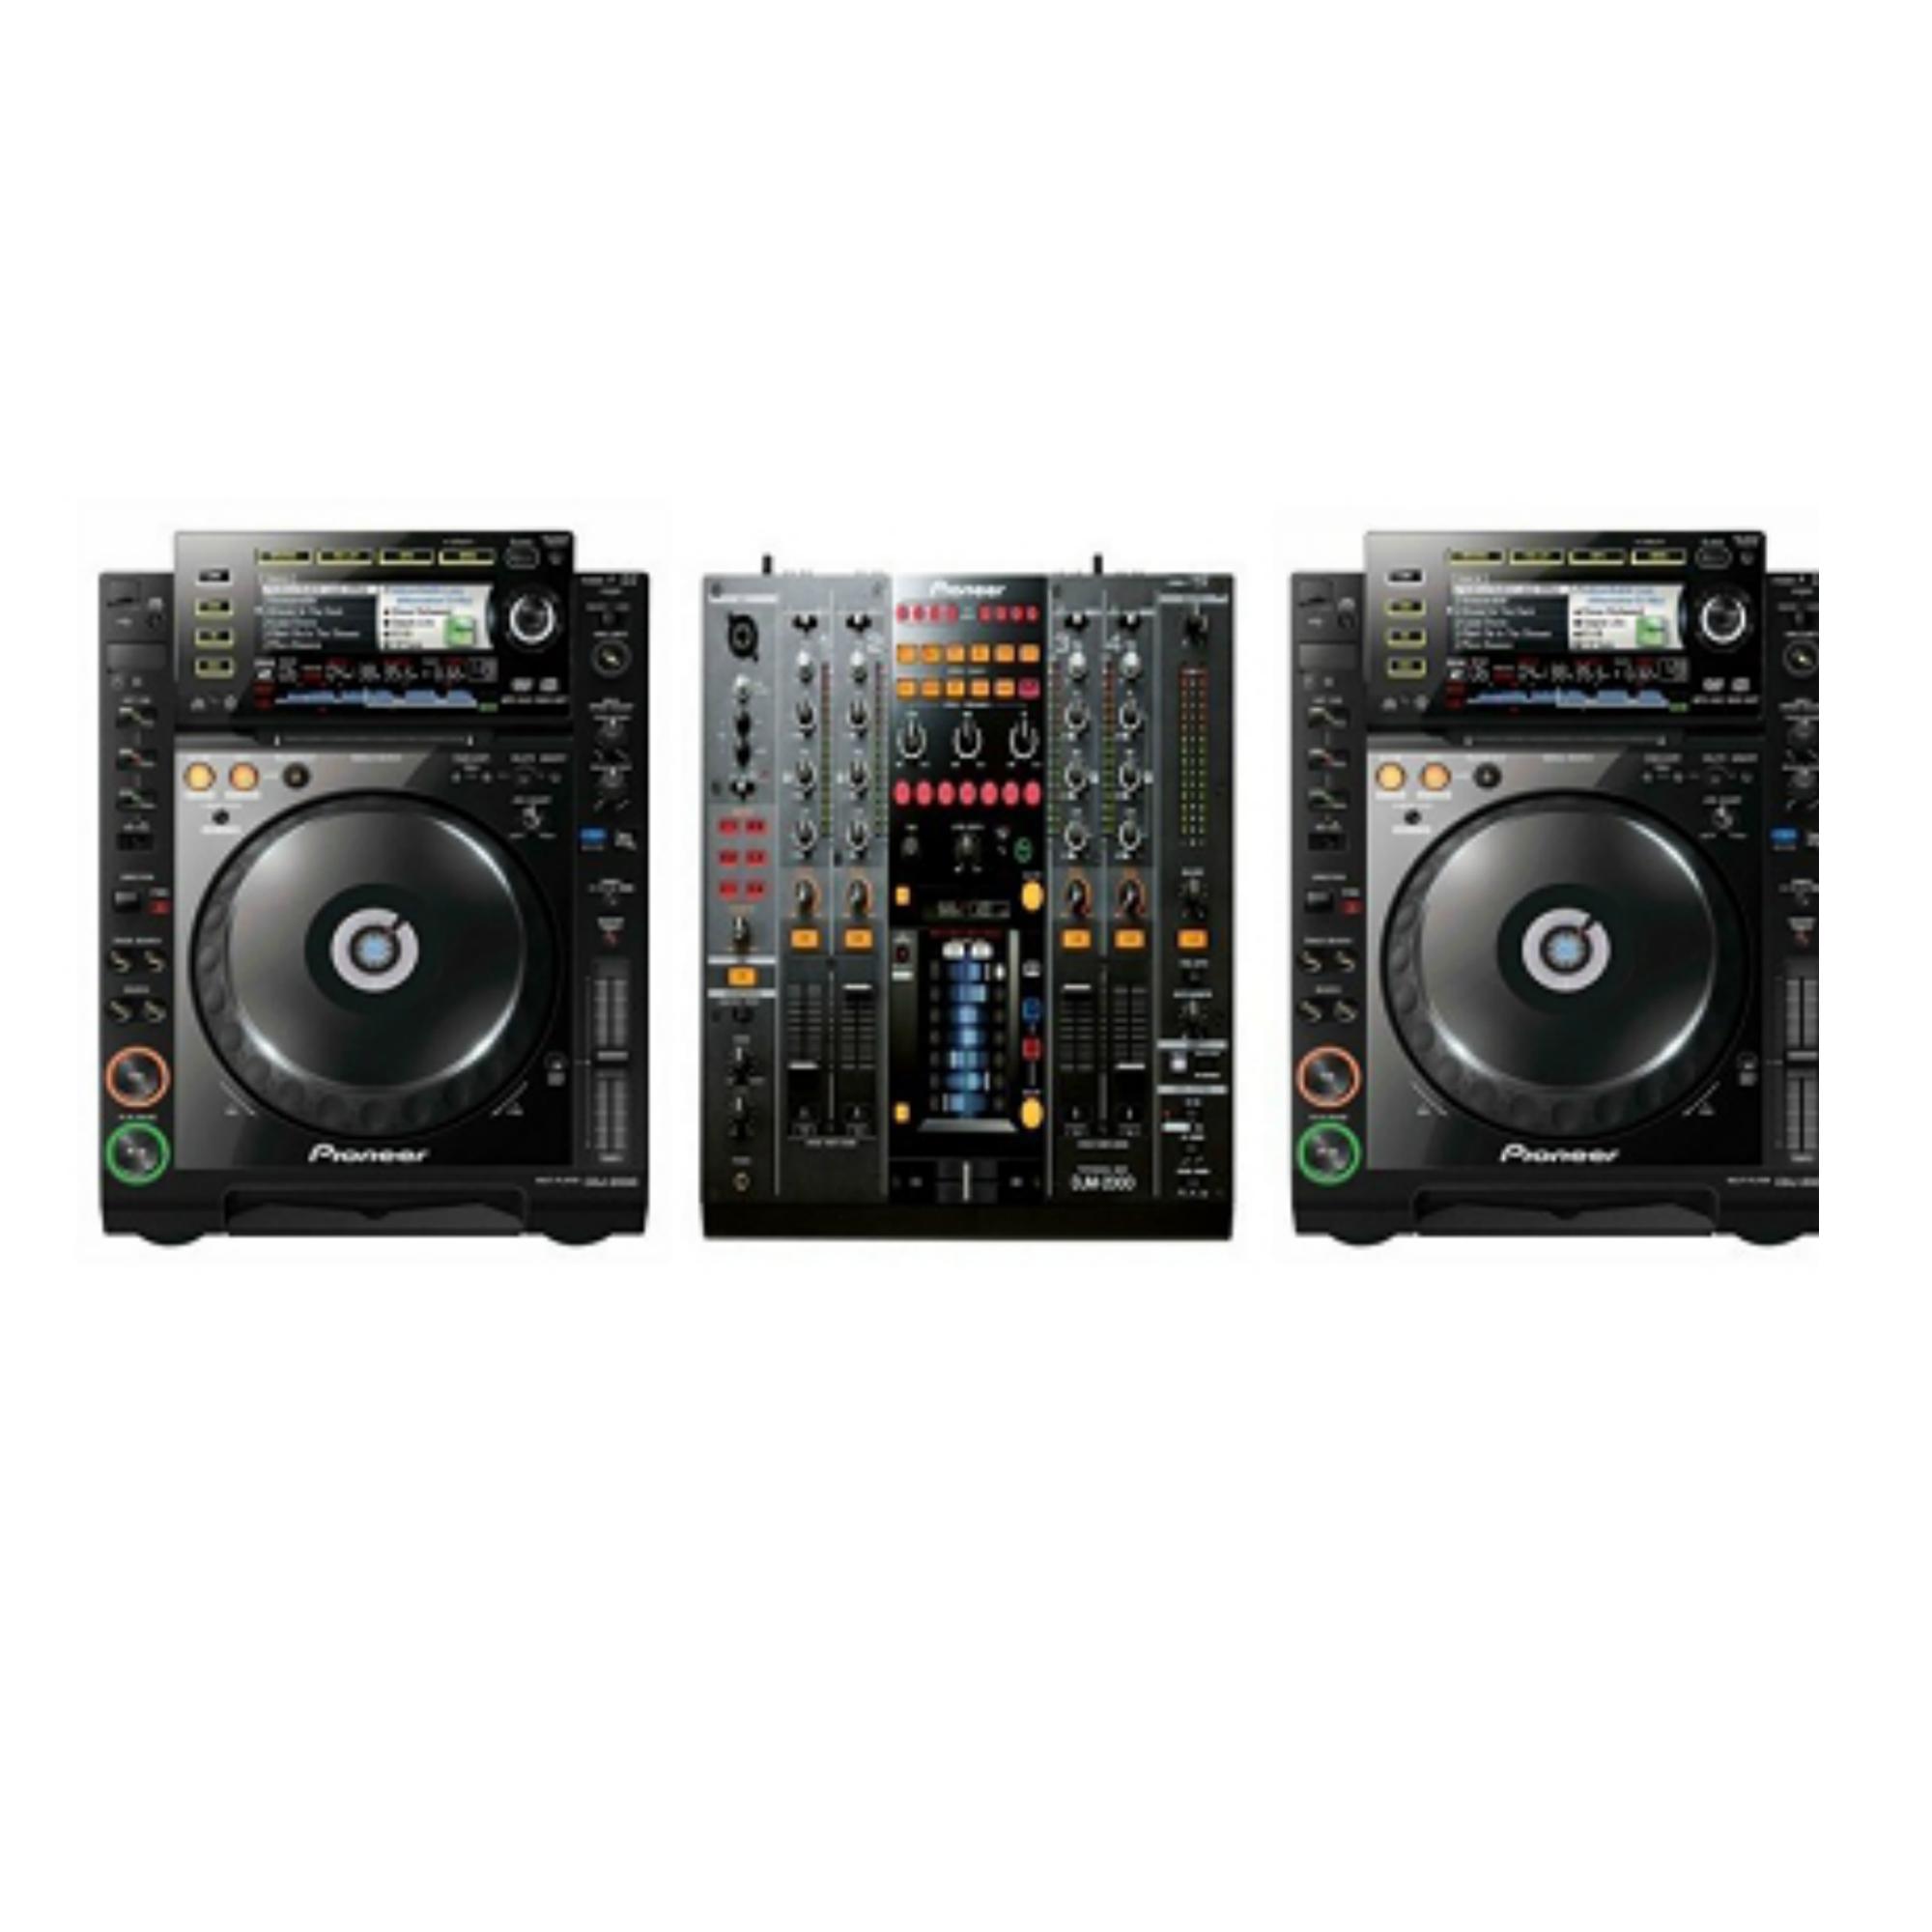 basic speaker system rental package dj peoples. Black Bedroom Furniture Sets. Home Design Ideas